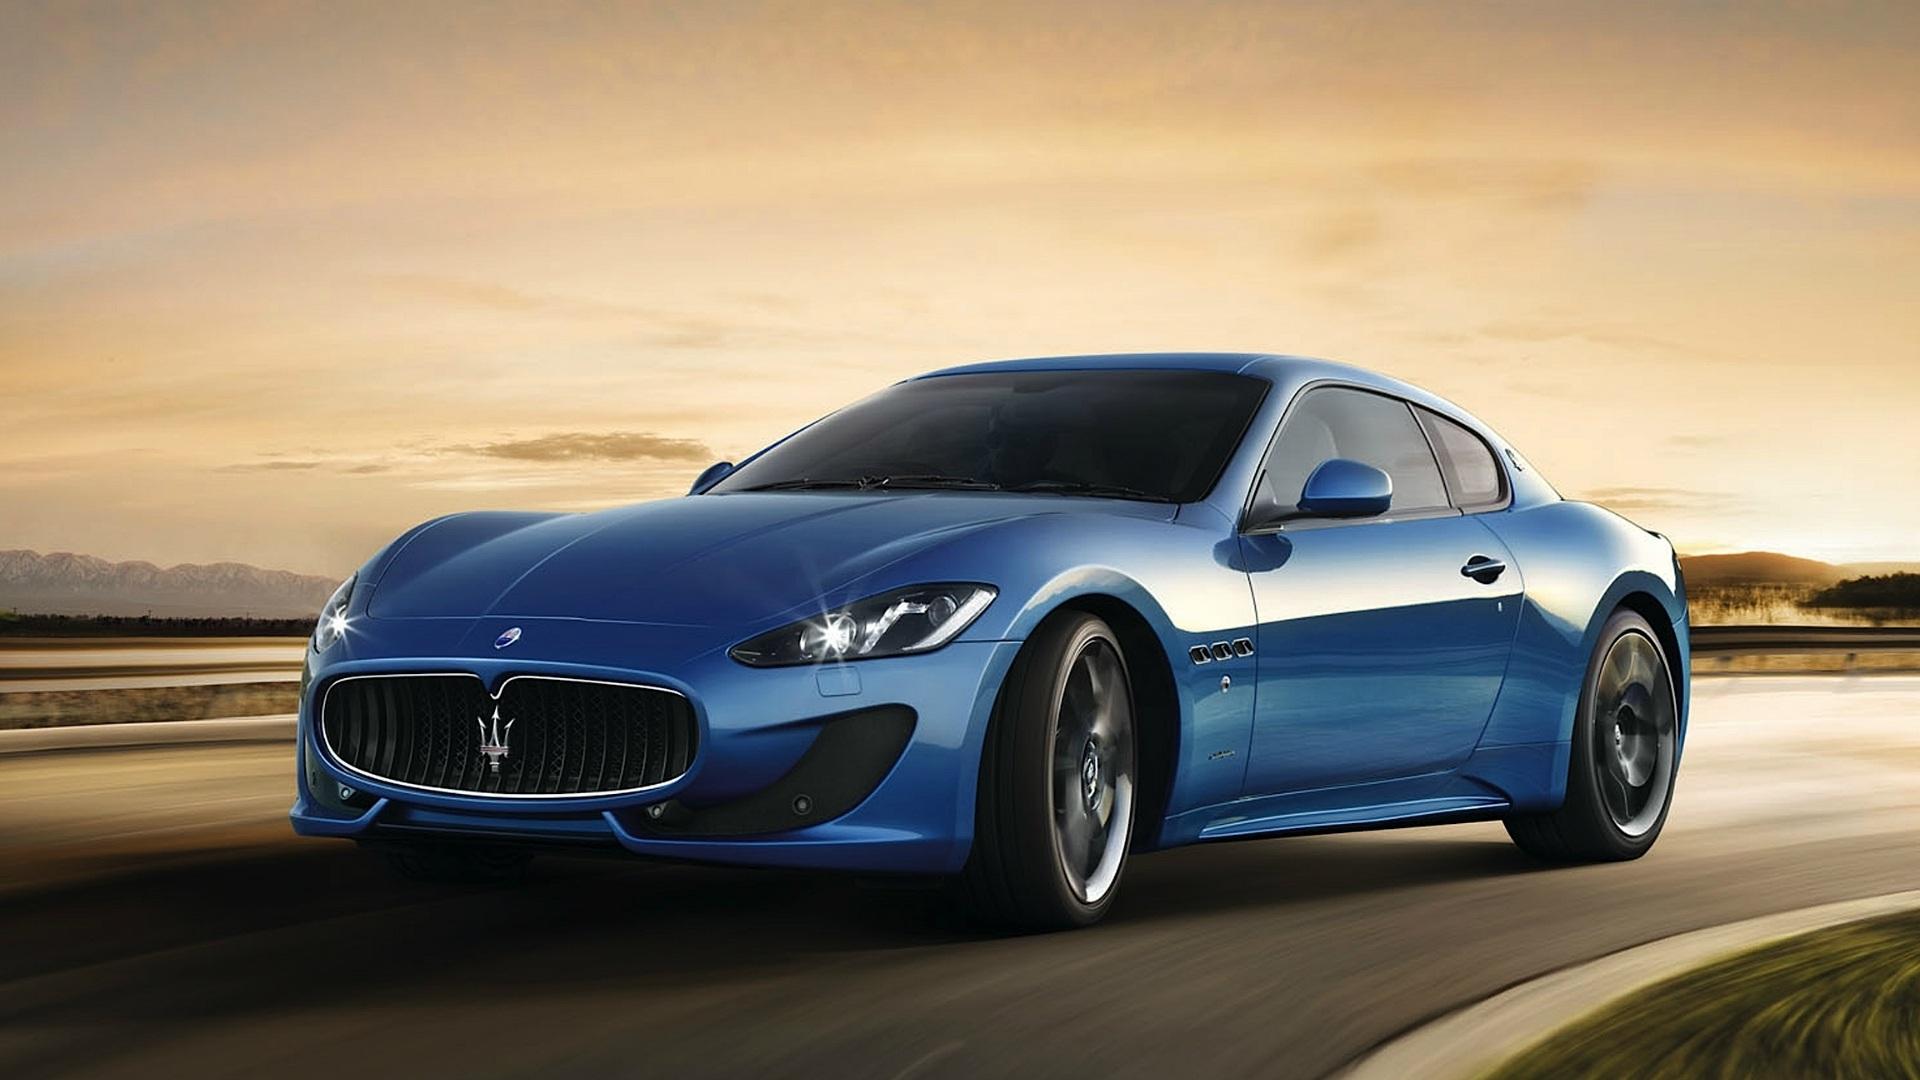 2011 Maserati GranTurismo S Limited Edition